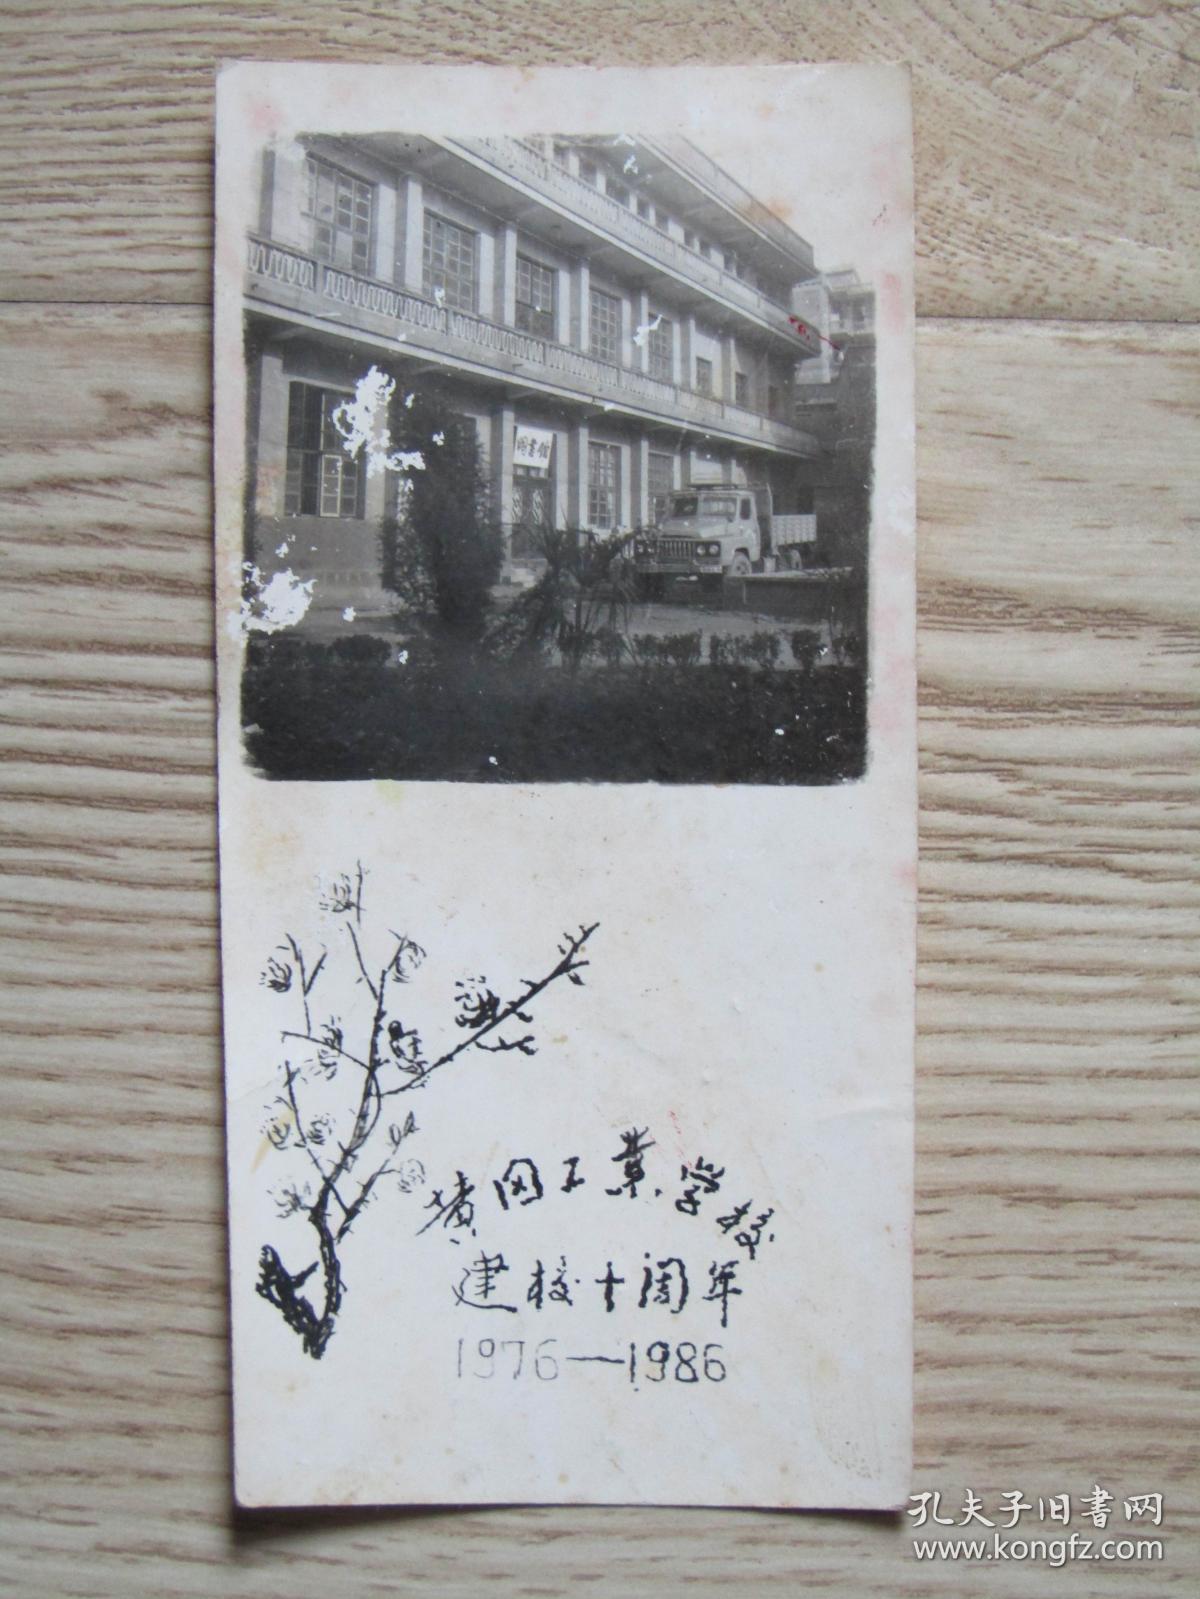 老照片:黄冈工业学校建校十周年】【1976-198